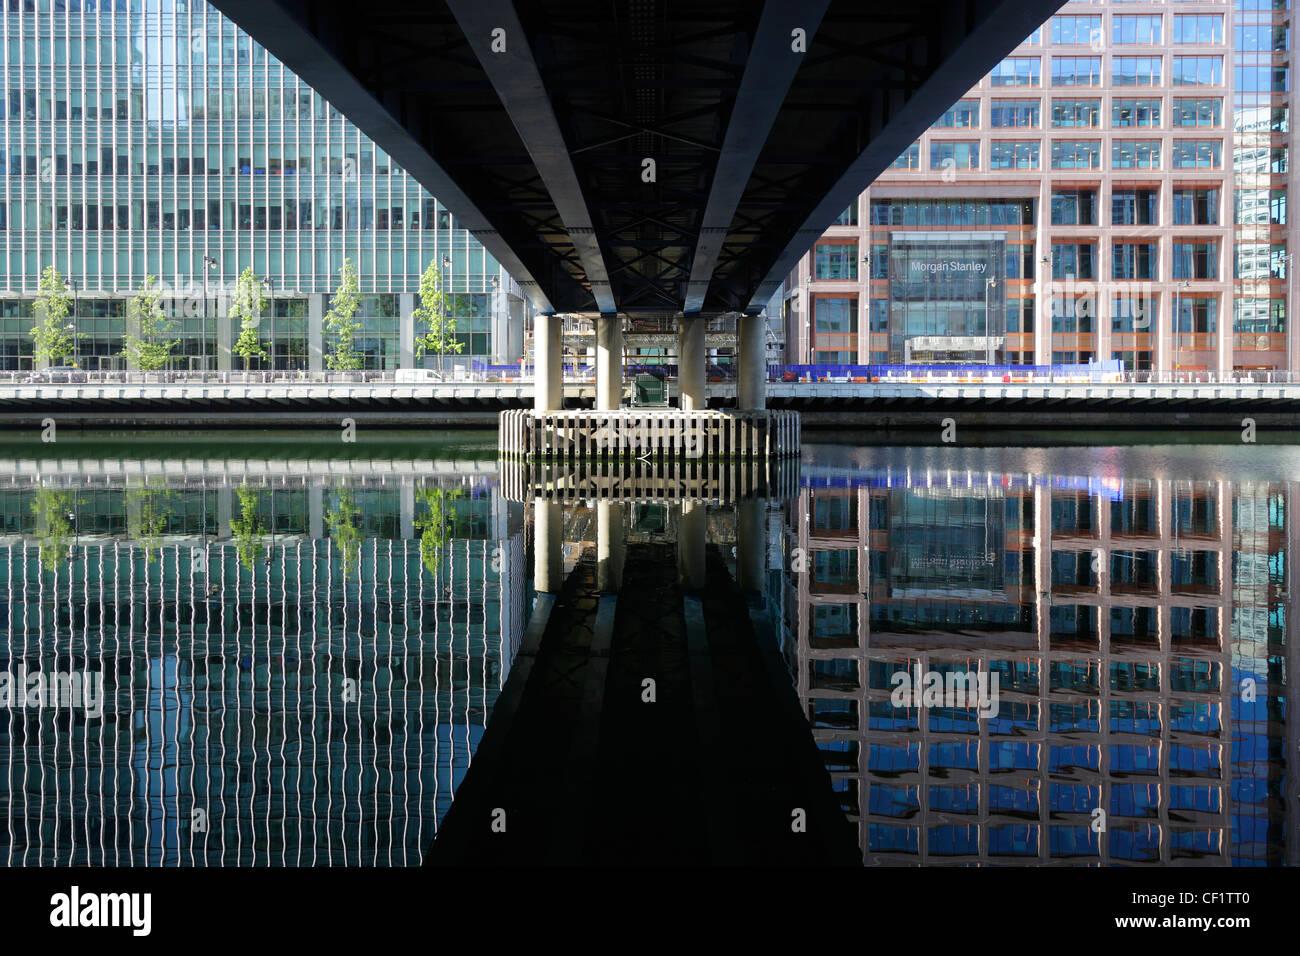 Reflexion von Gebäuden, Teil der Canary Wharf Entwicklung in West India Millwall Docks auf der Isle of Dogs Stockbild